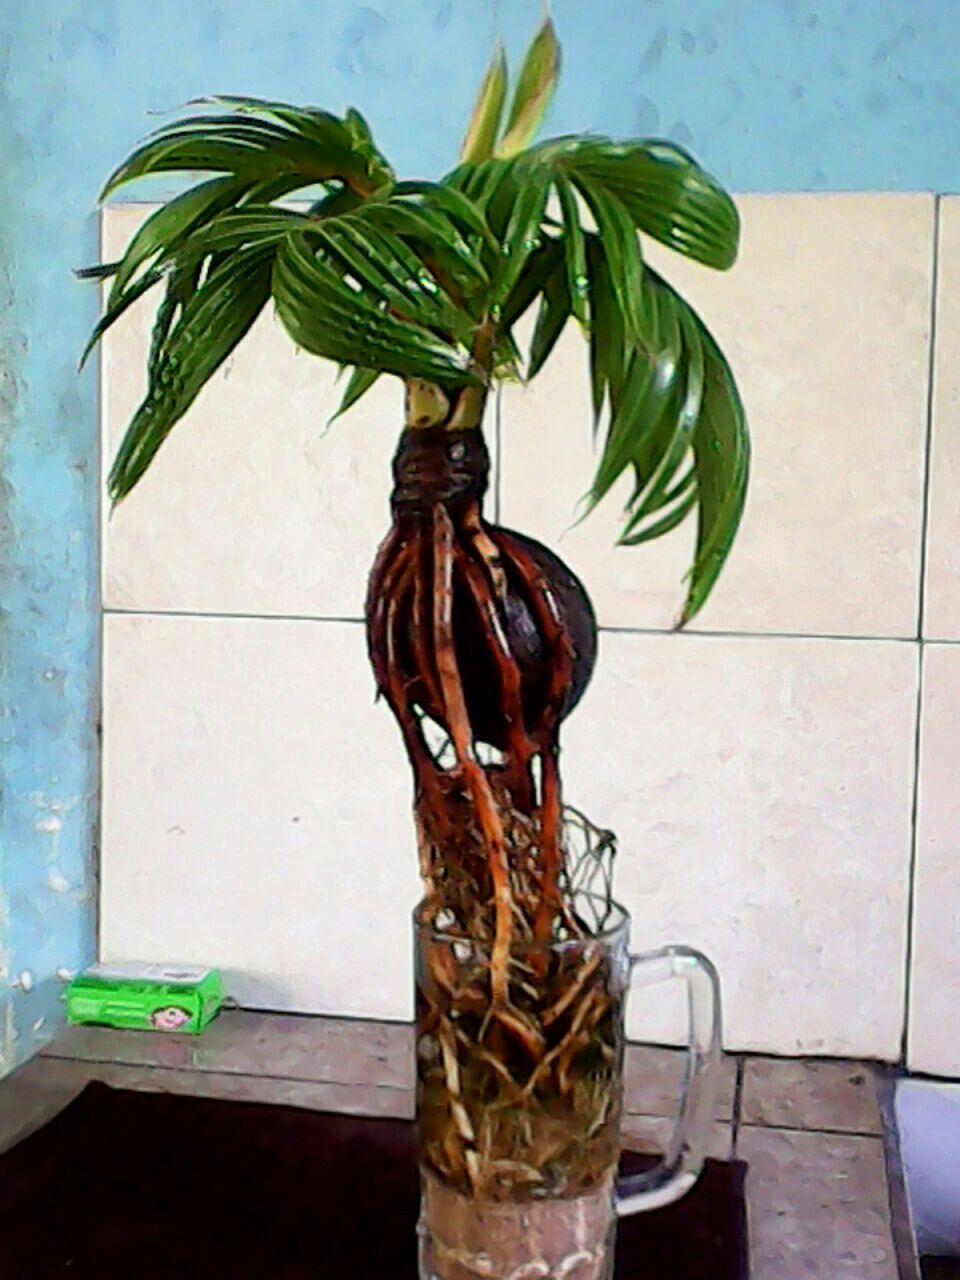 Pin Oleh Mohd Hafifudin Hamzah Di Bonzai Pohon Bonsai Tanaman